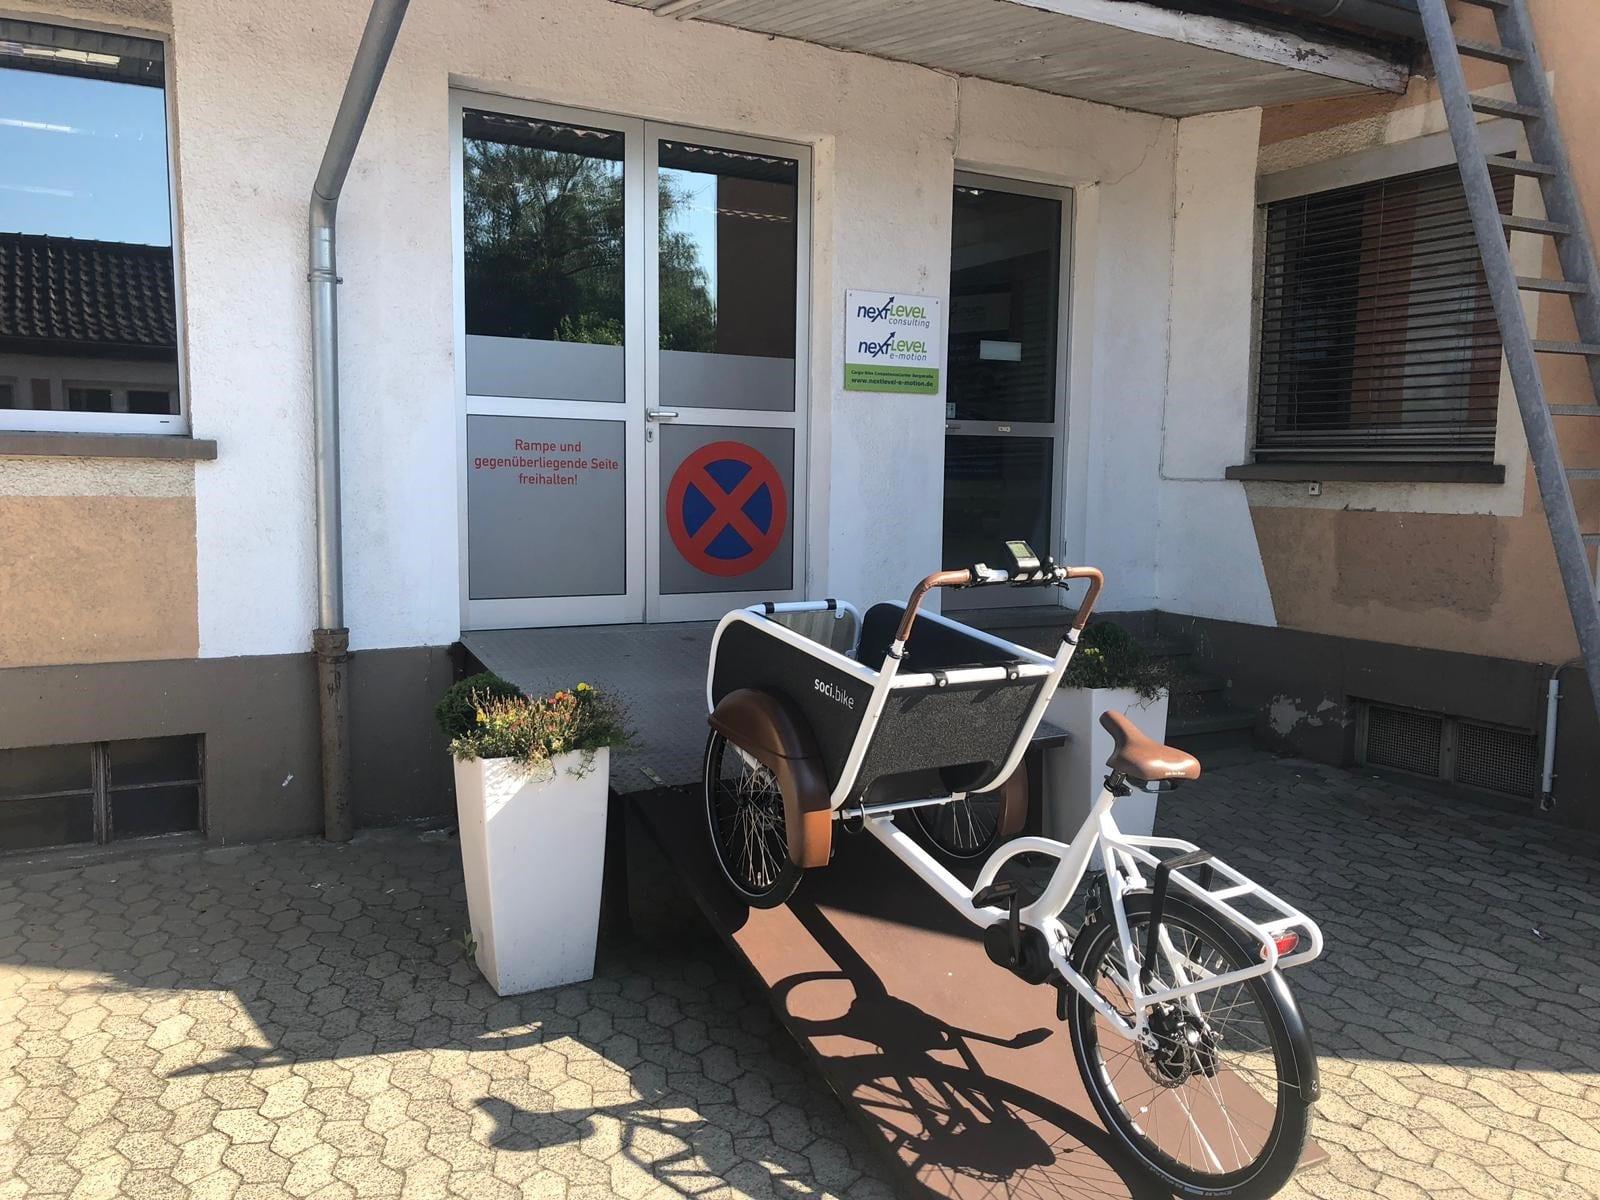 Over soci.bike ambassadeur NextLevel e-motion